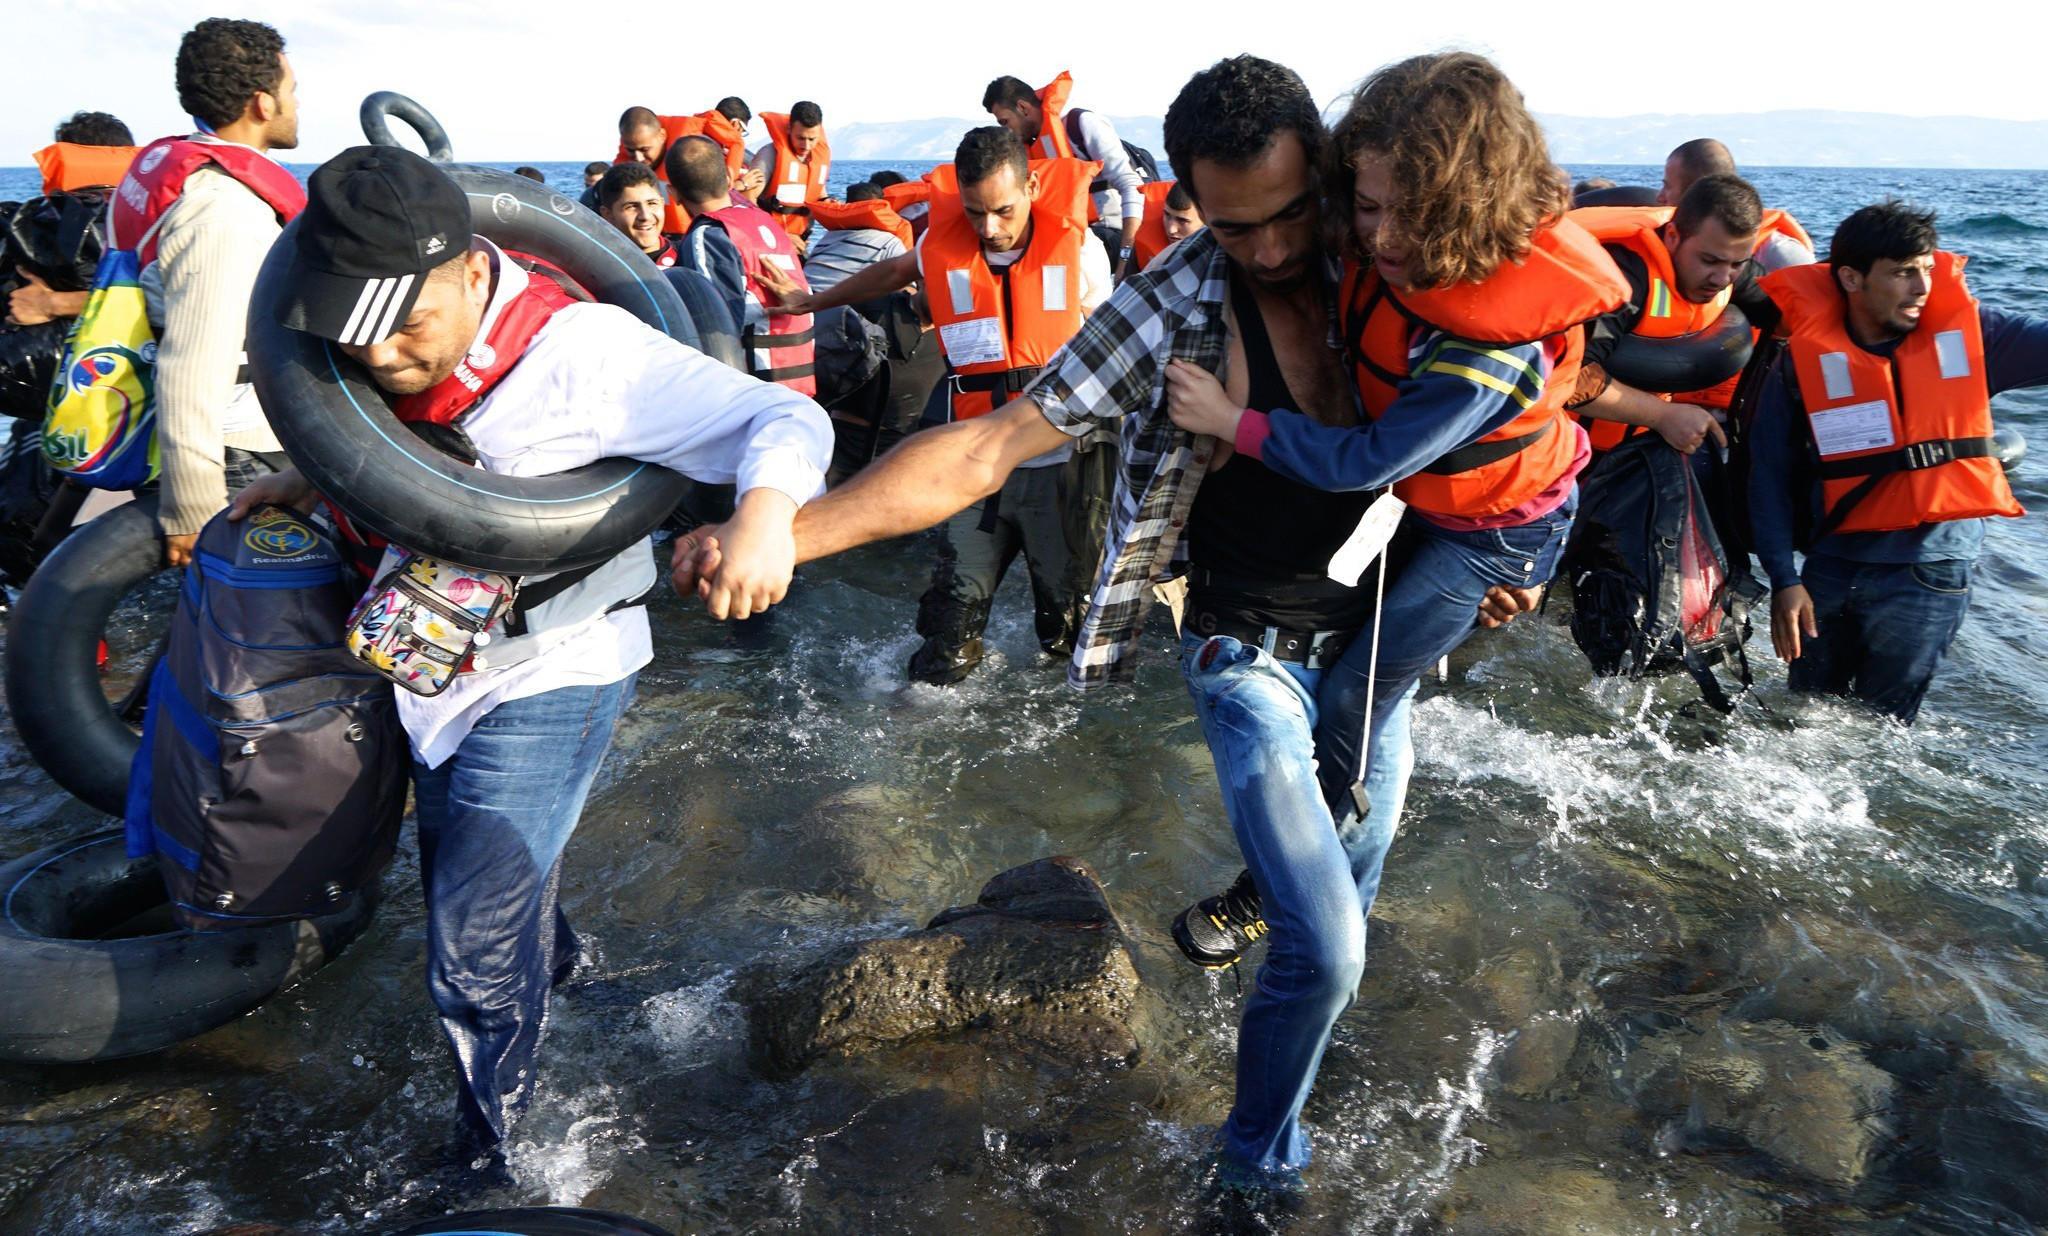 نتيجة بحث الصور عن قصة الهروب الى اوربا العراق